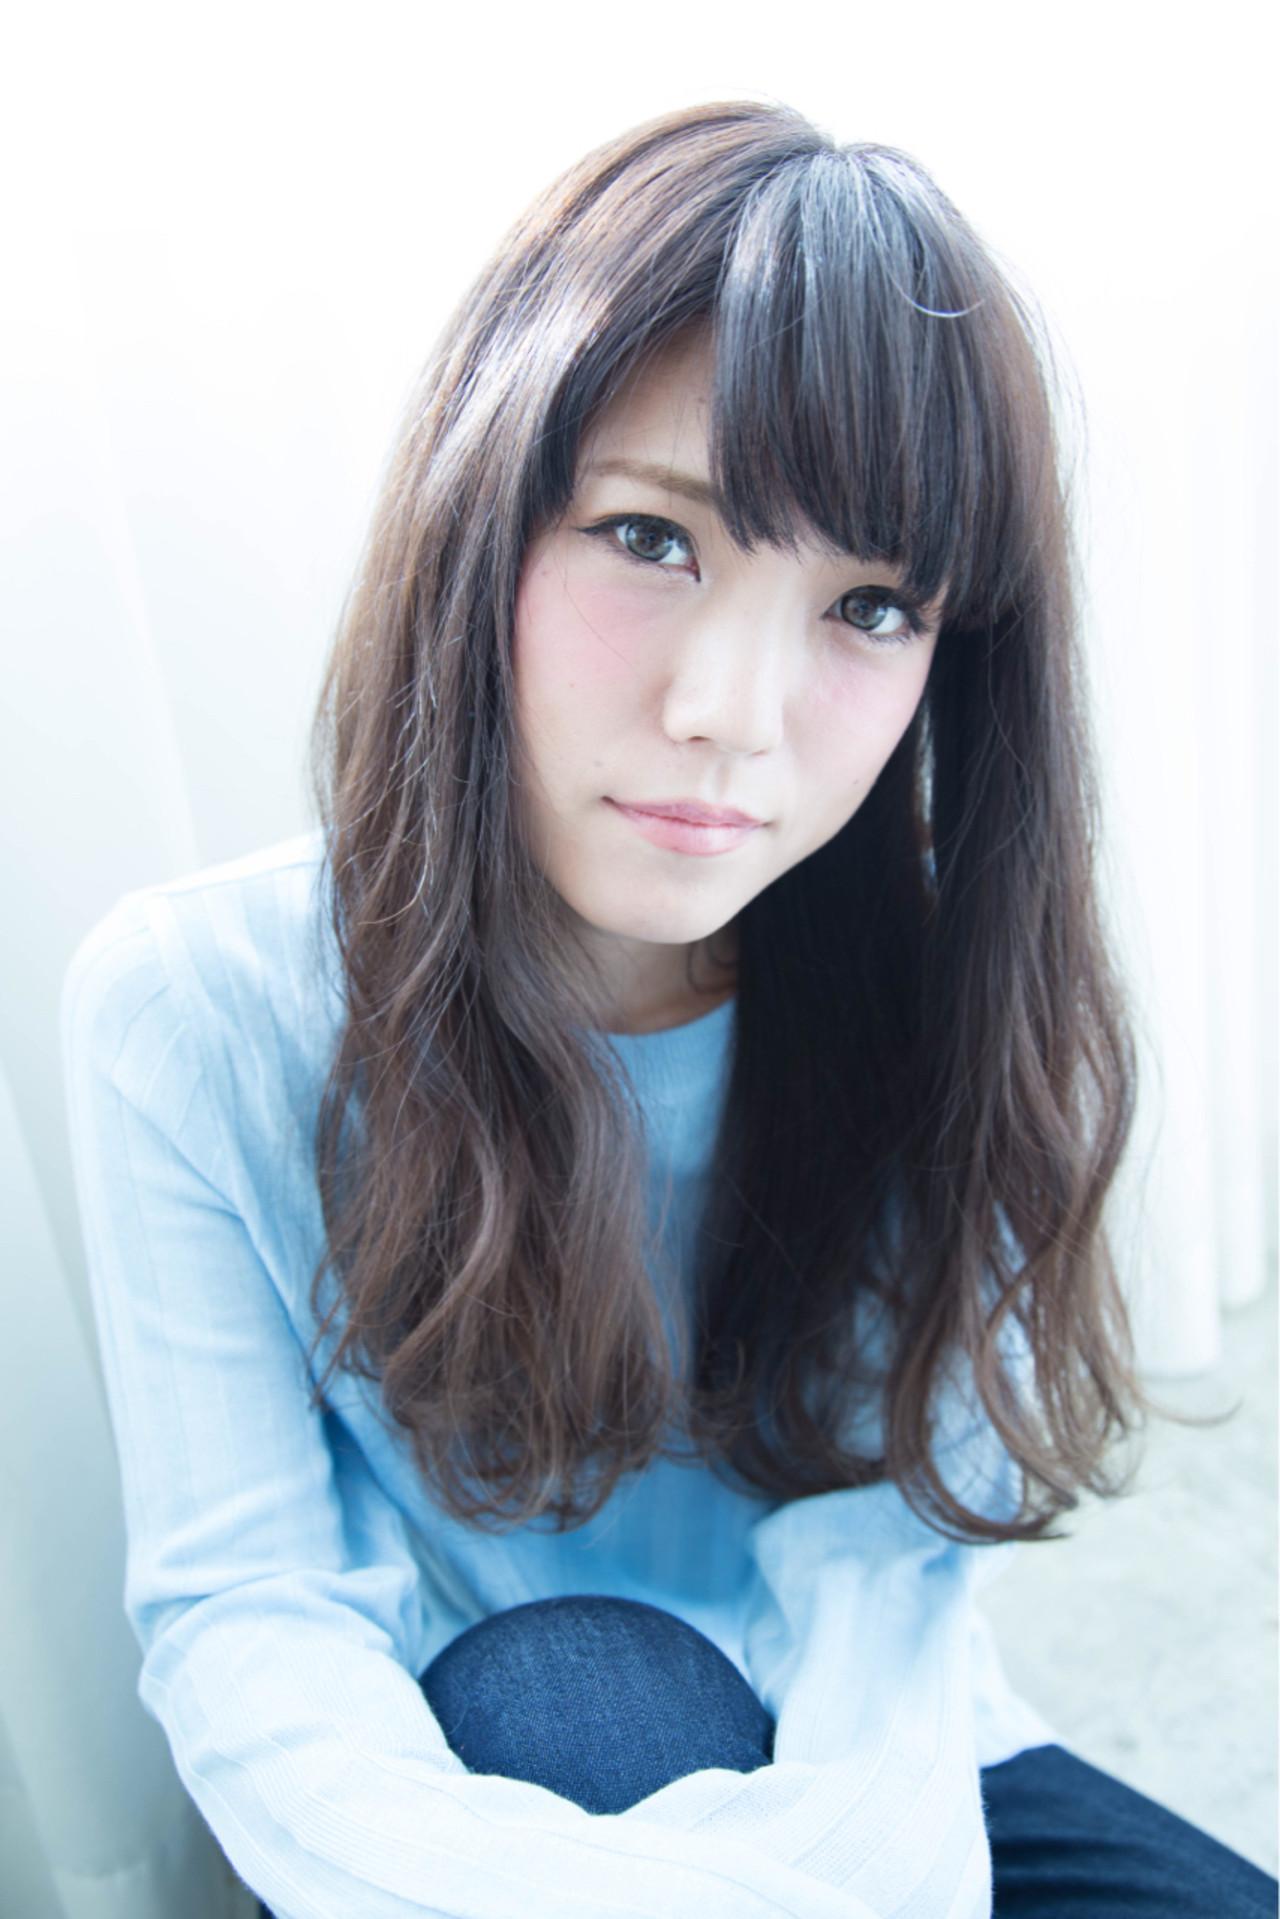 ガーリー 大人女子 上品 清楚 ヘアスタイルや髪型の写真・画像 | Marika Yoshioka /